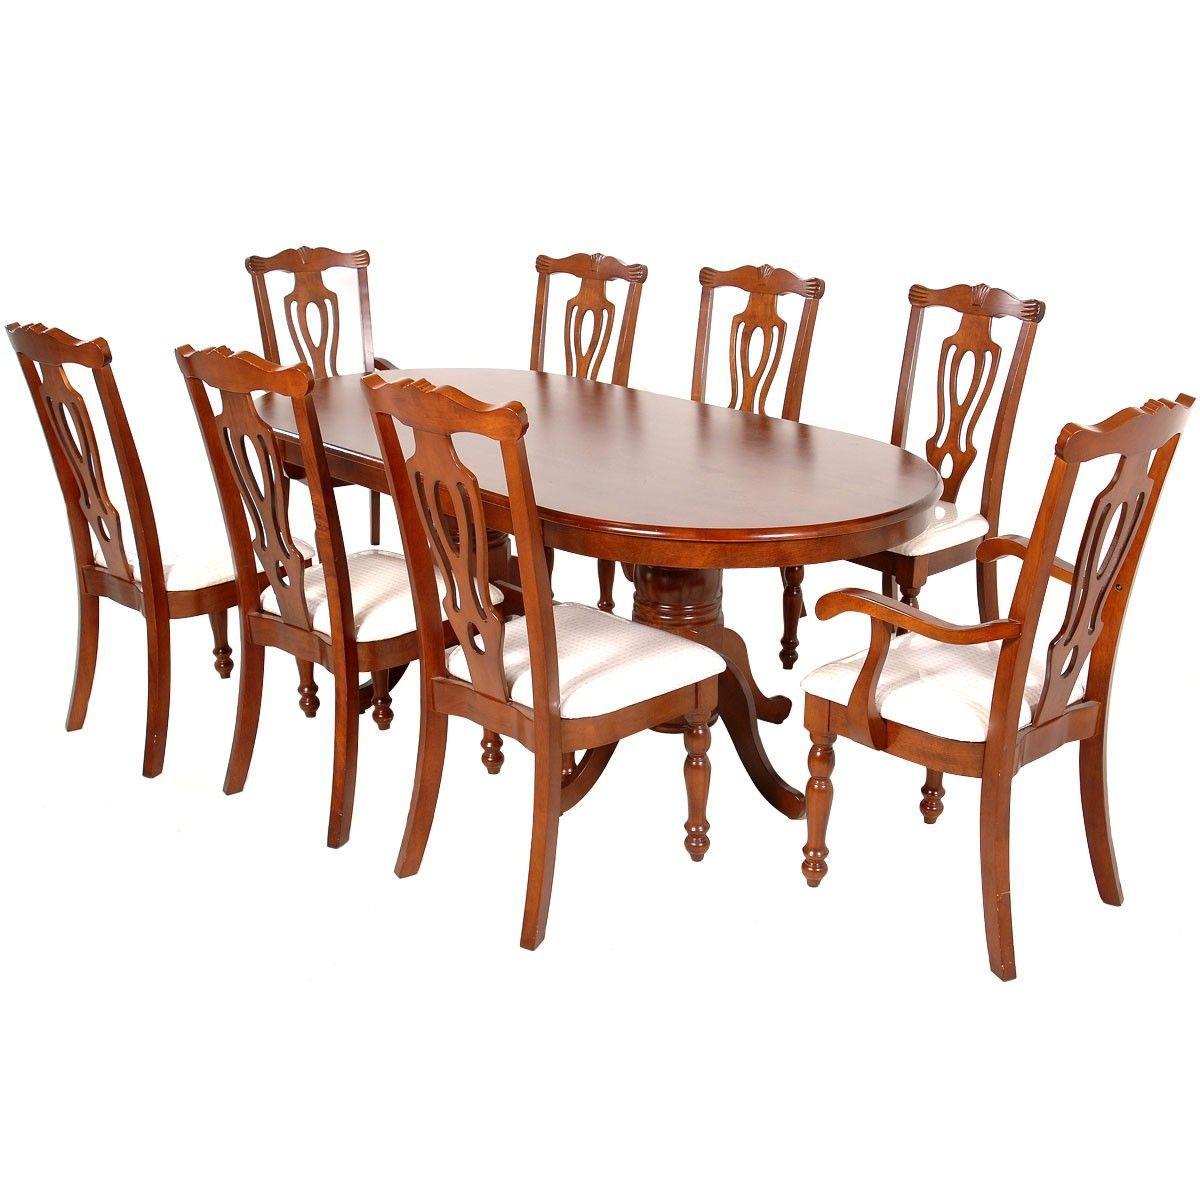 Juego de comedor 8 personas zoysia marca commodity mesa for Juego de mesa y sillas para cocina